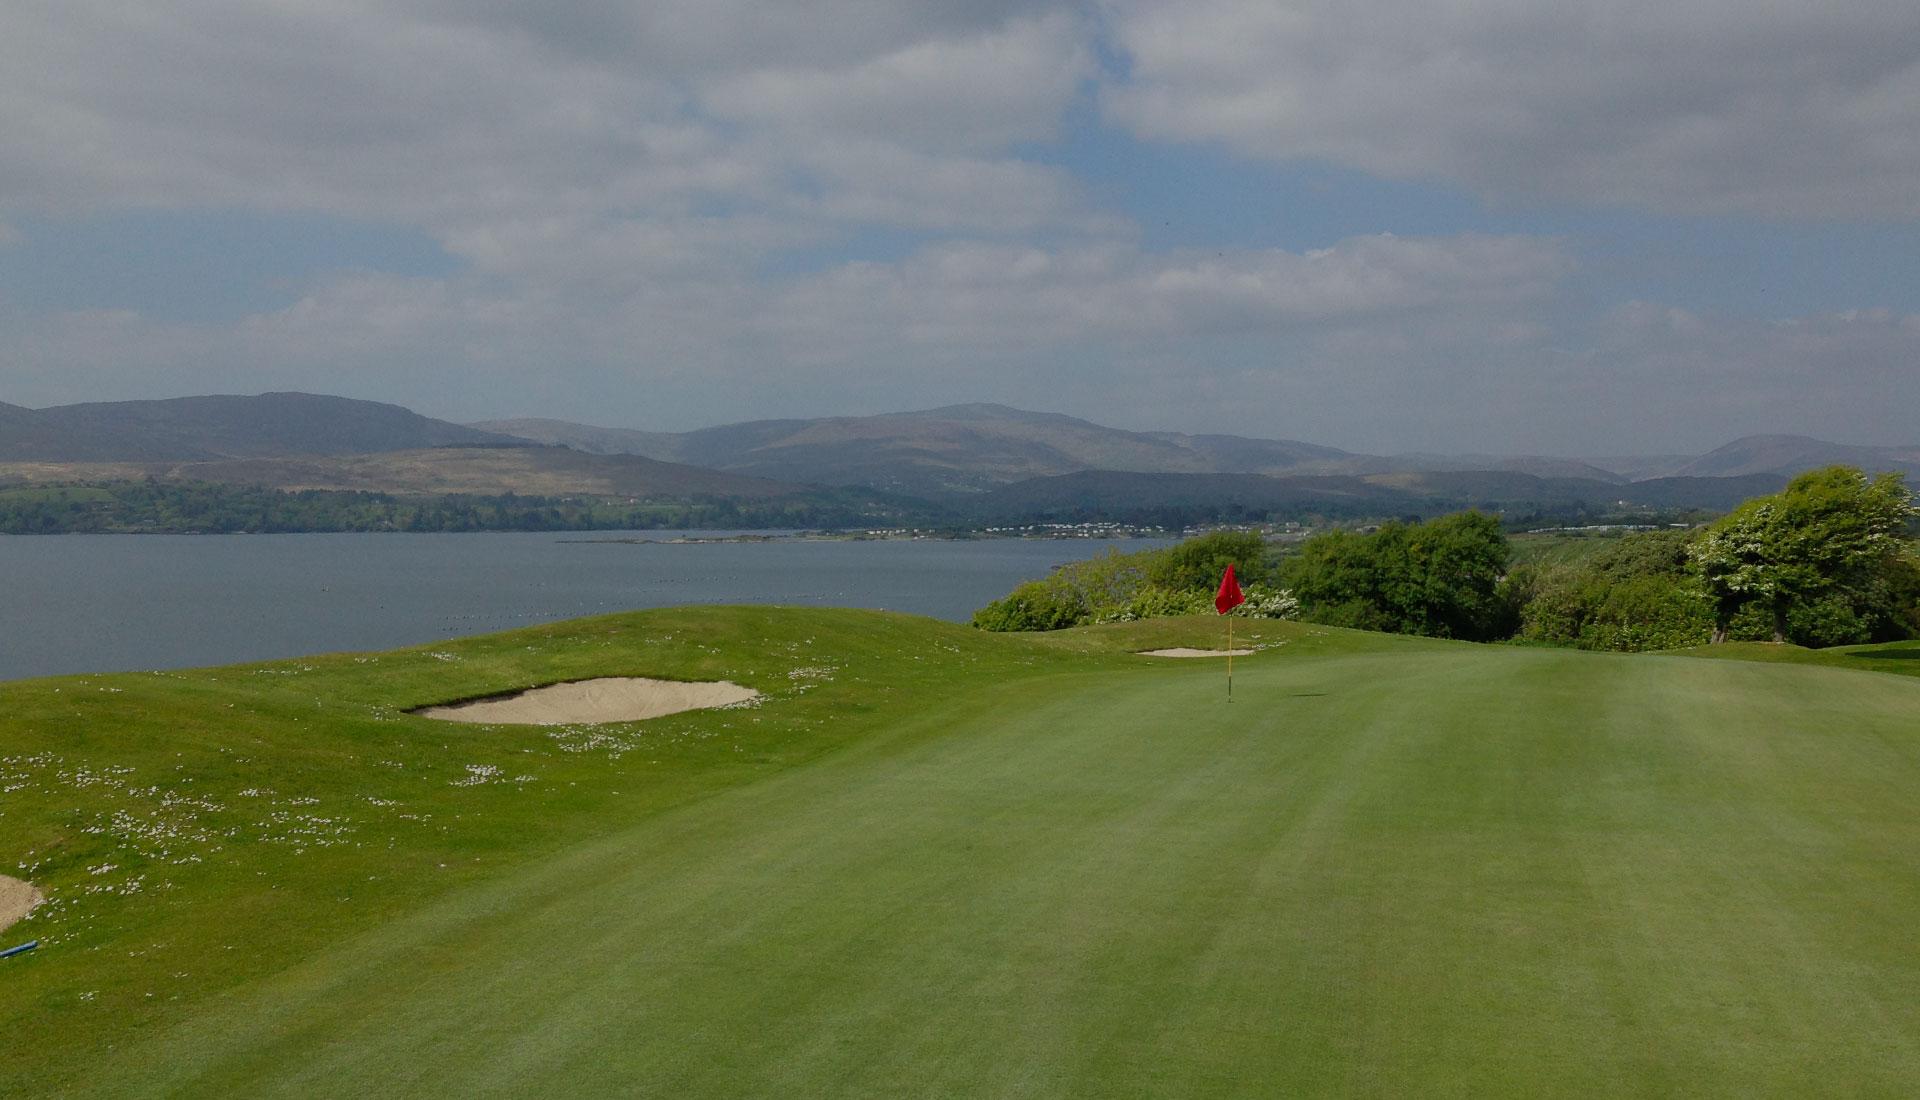 Photo du Bantry Bay Golf Club, l'un des golfs proposés dans les séjours